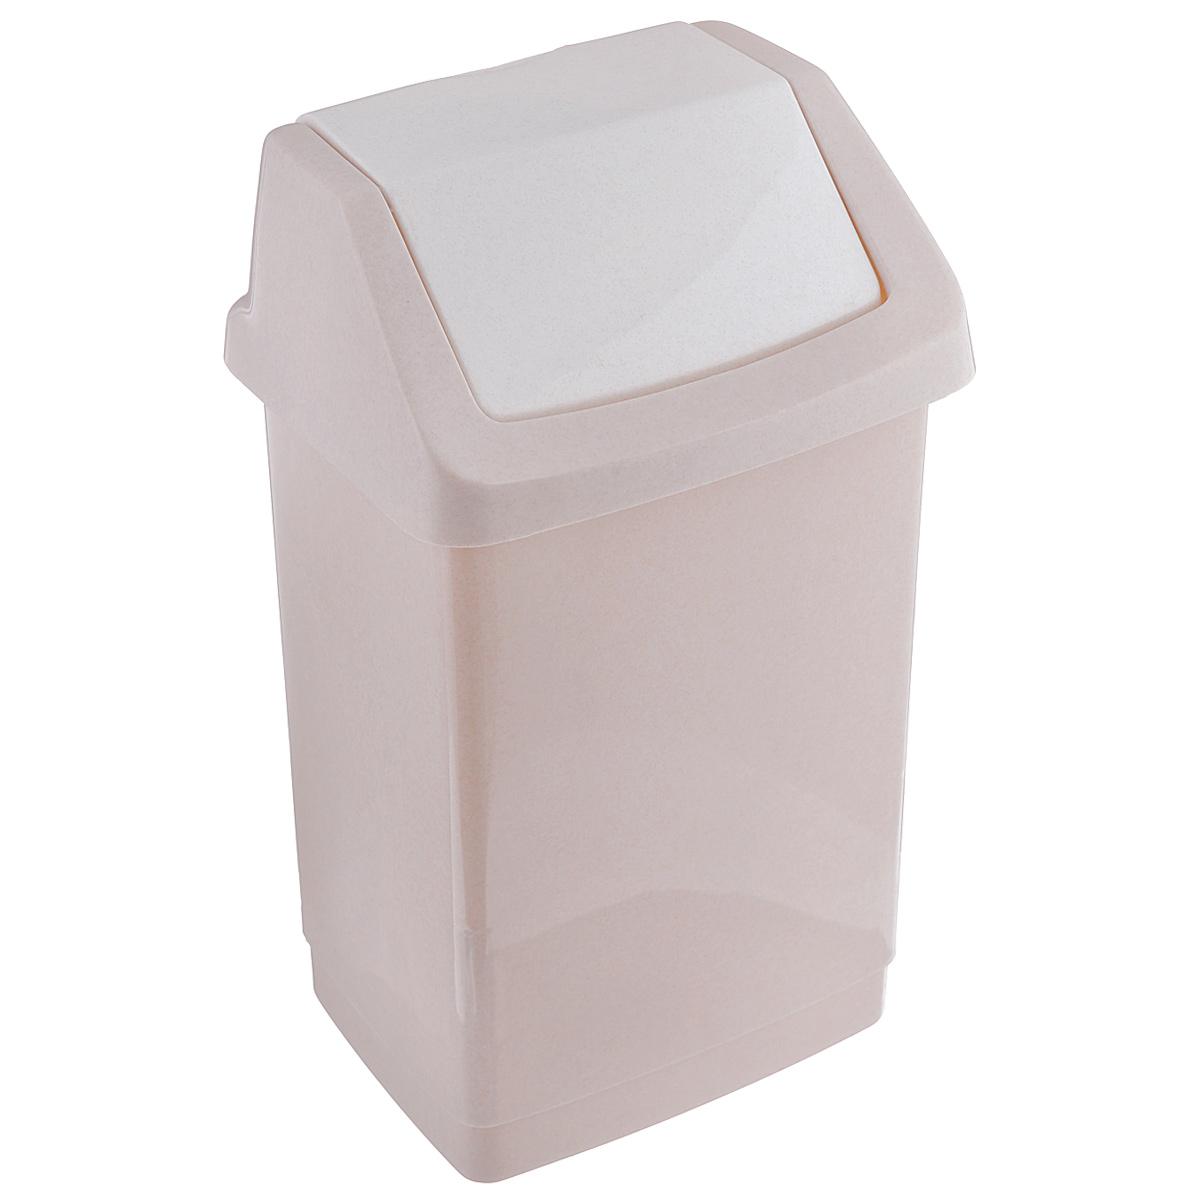 Контейнер для мусора Curver Клик-ит, цвет: бежевый, 9 л68/5/4Контейнер для мусора Curver Клик-ит изготовлен из прочного пластика. Контейнер снабжен удобной съемной крышкой с подвижной перегородкой. Благодаря лаконичному дизайну, такой контейнер идеально впишется в интерьер и дома, и офиса.